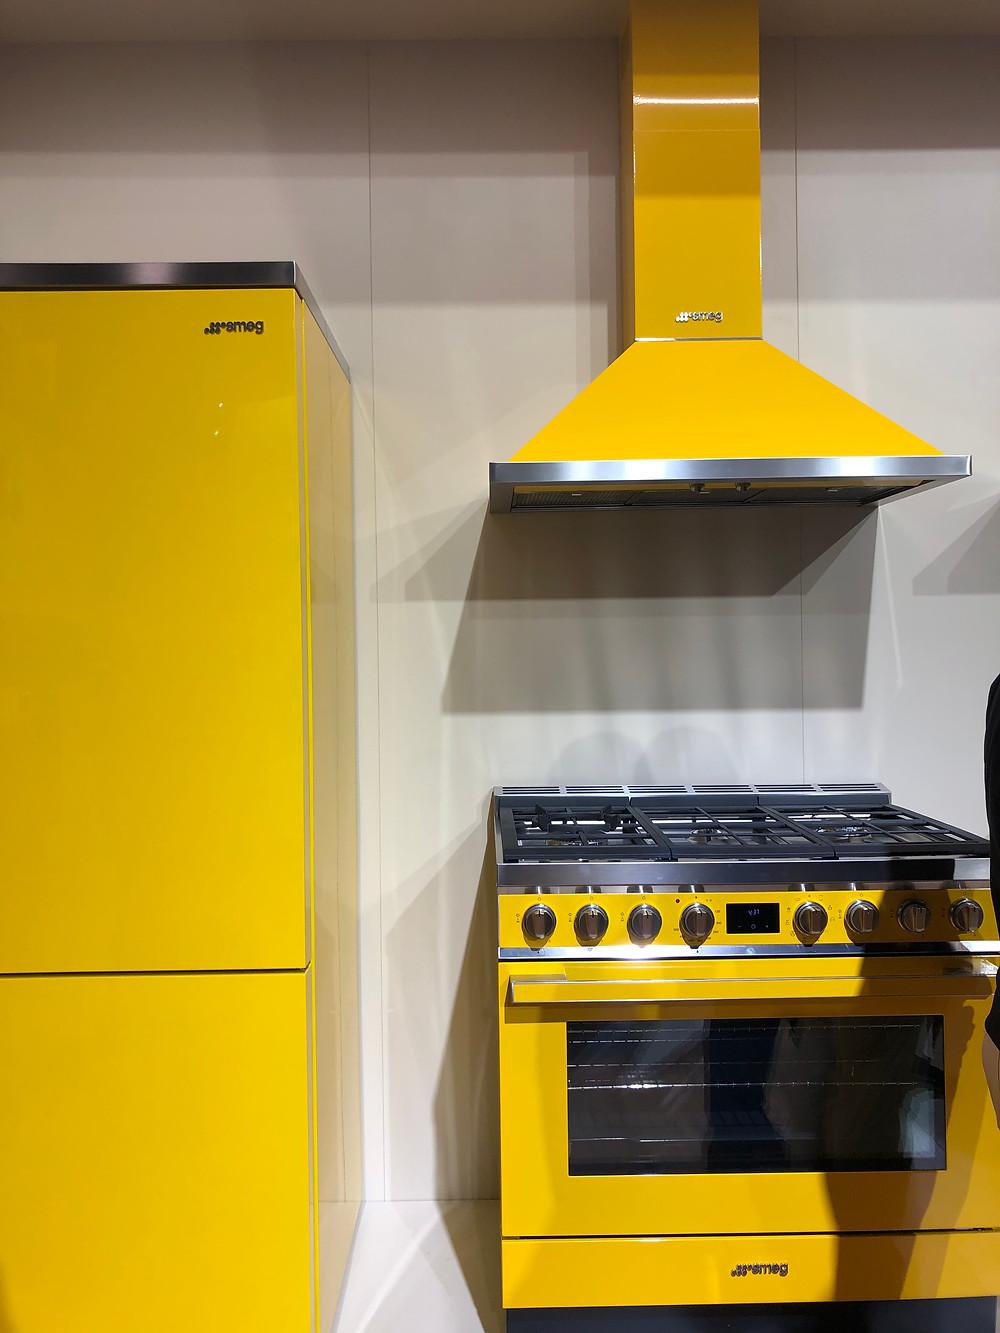 Smeg yellow appliances